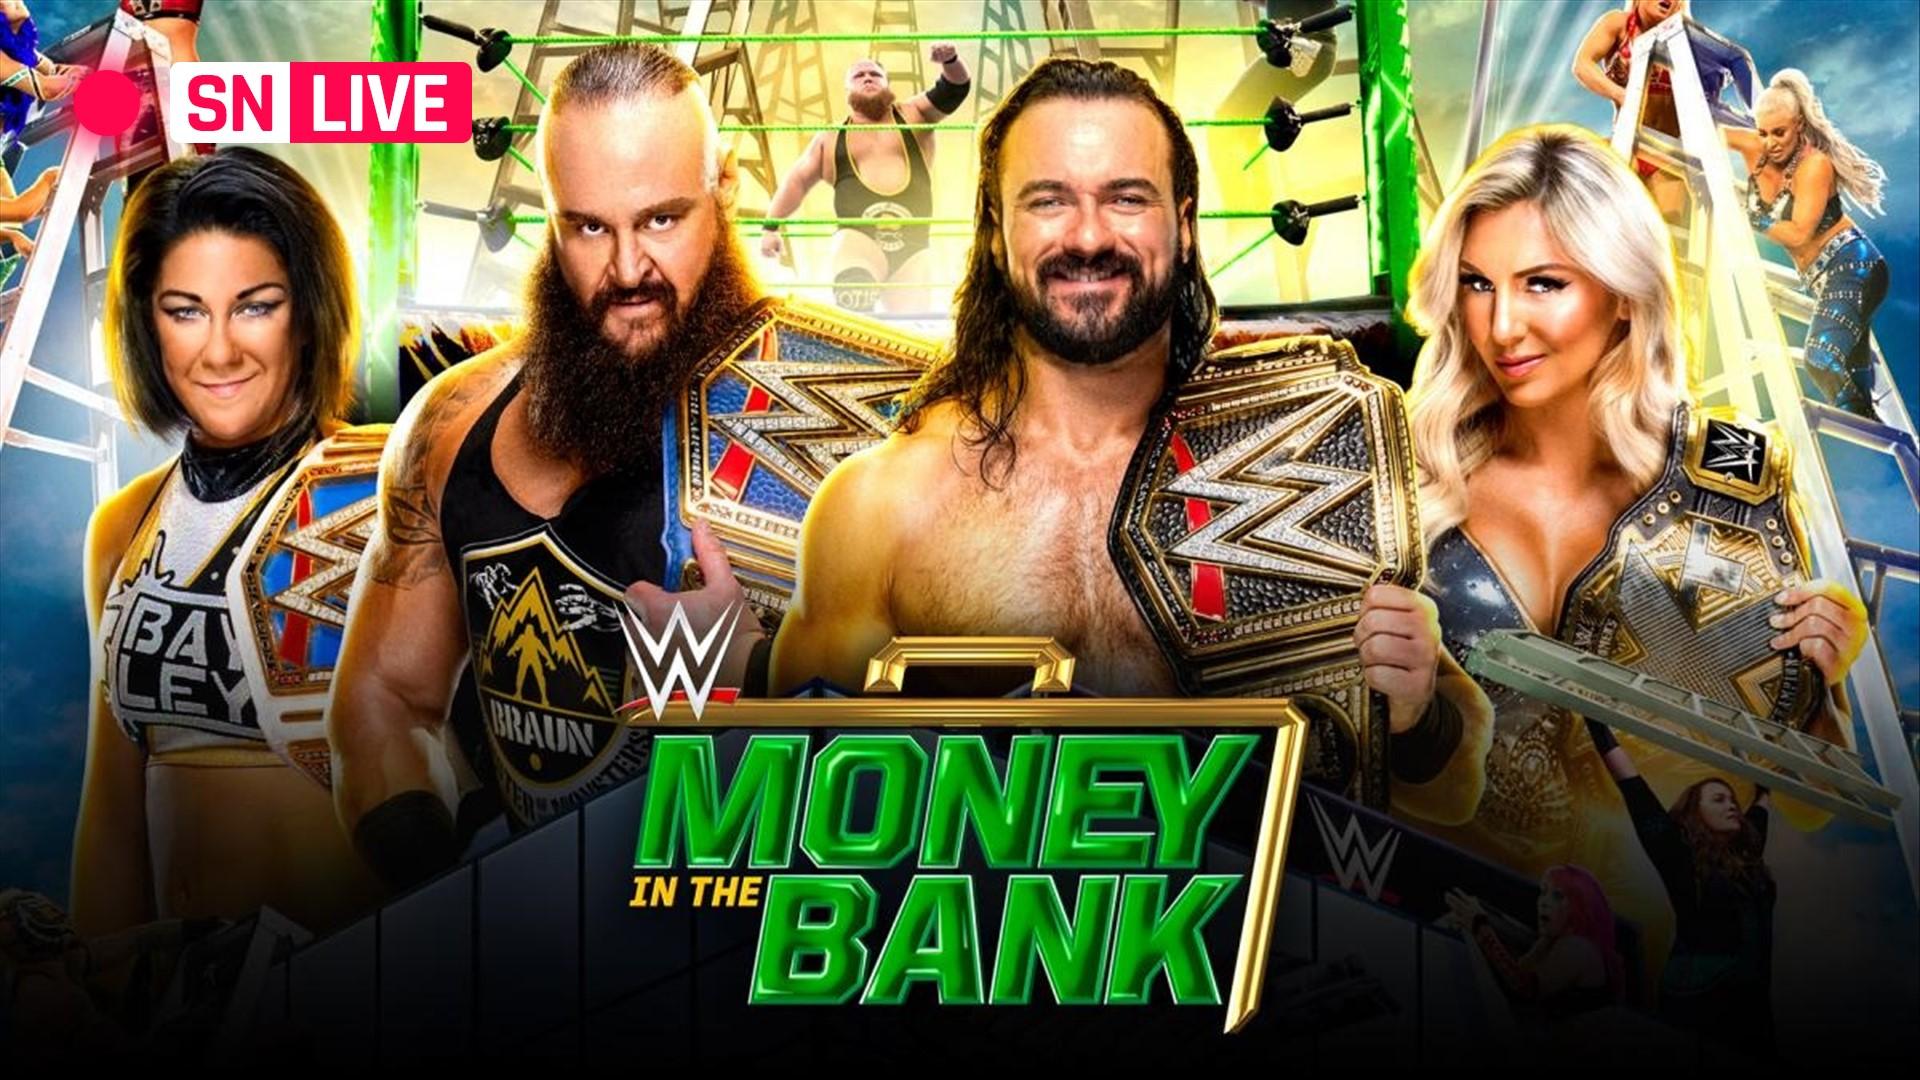 Resultados de WWE Money In The Bank 2020: Otis y Asuka ganan maletines en un partido de escalera completamente ridículo 3